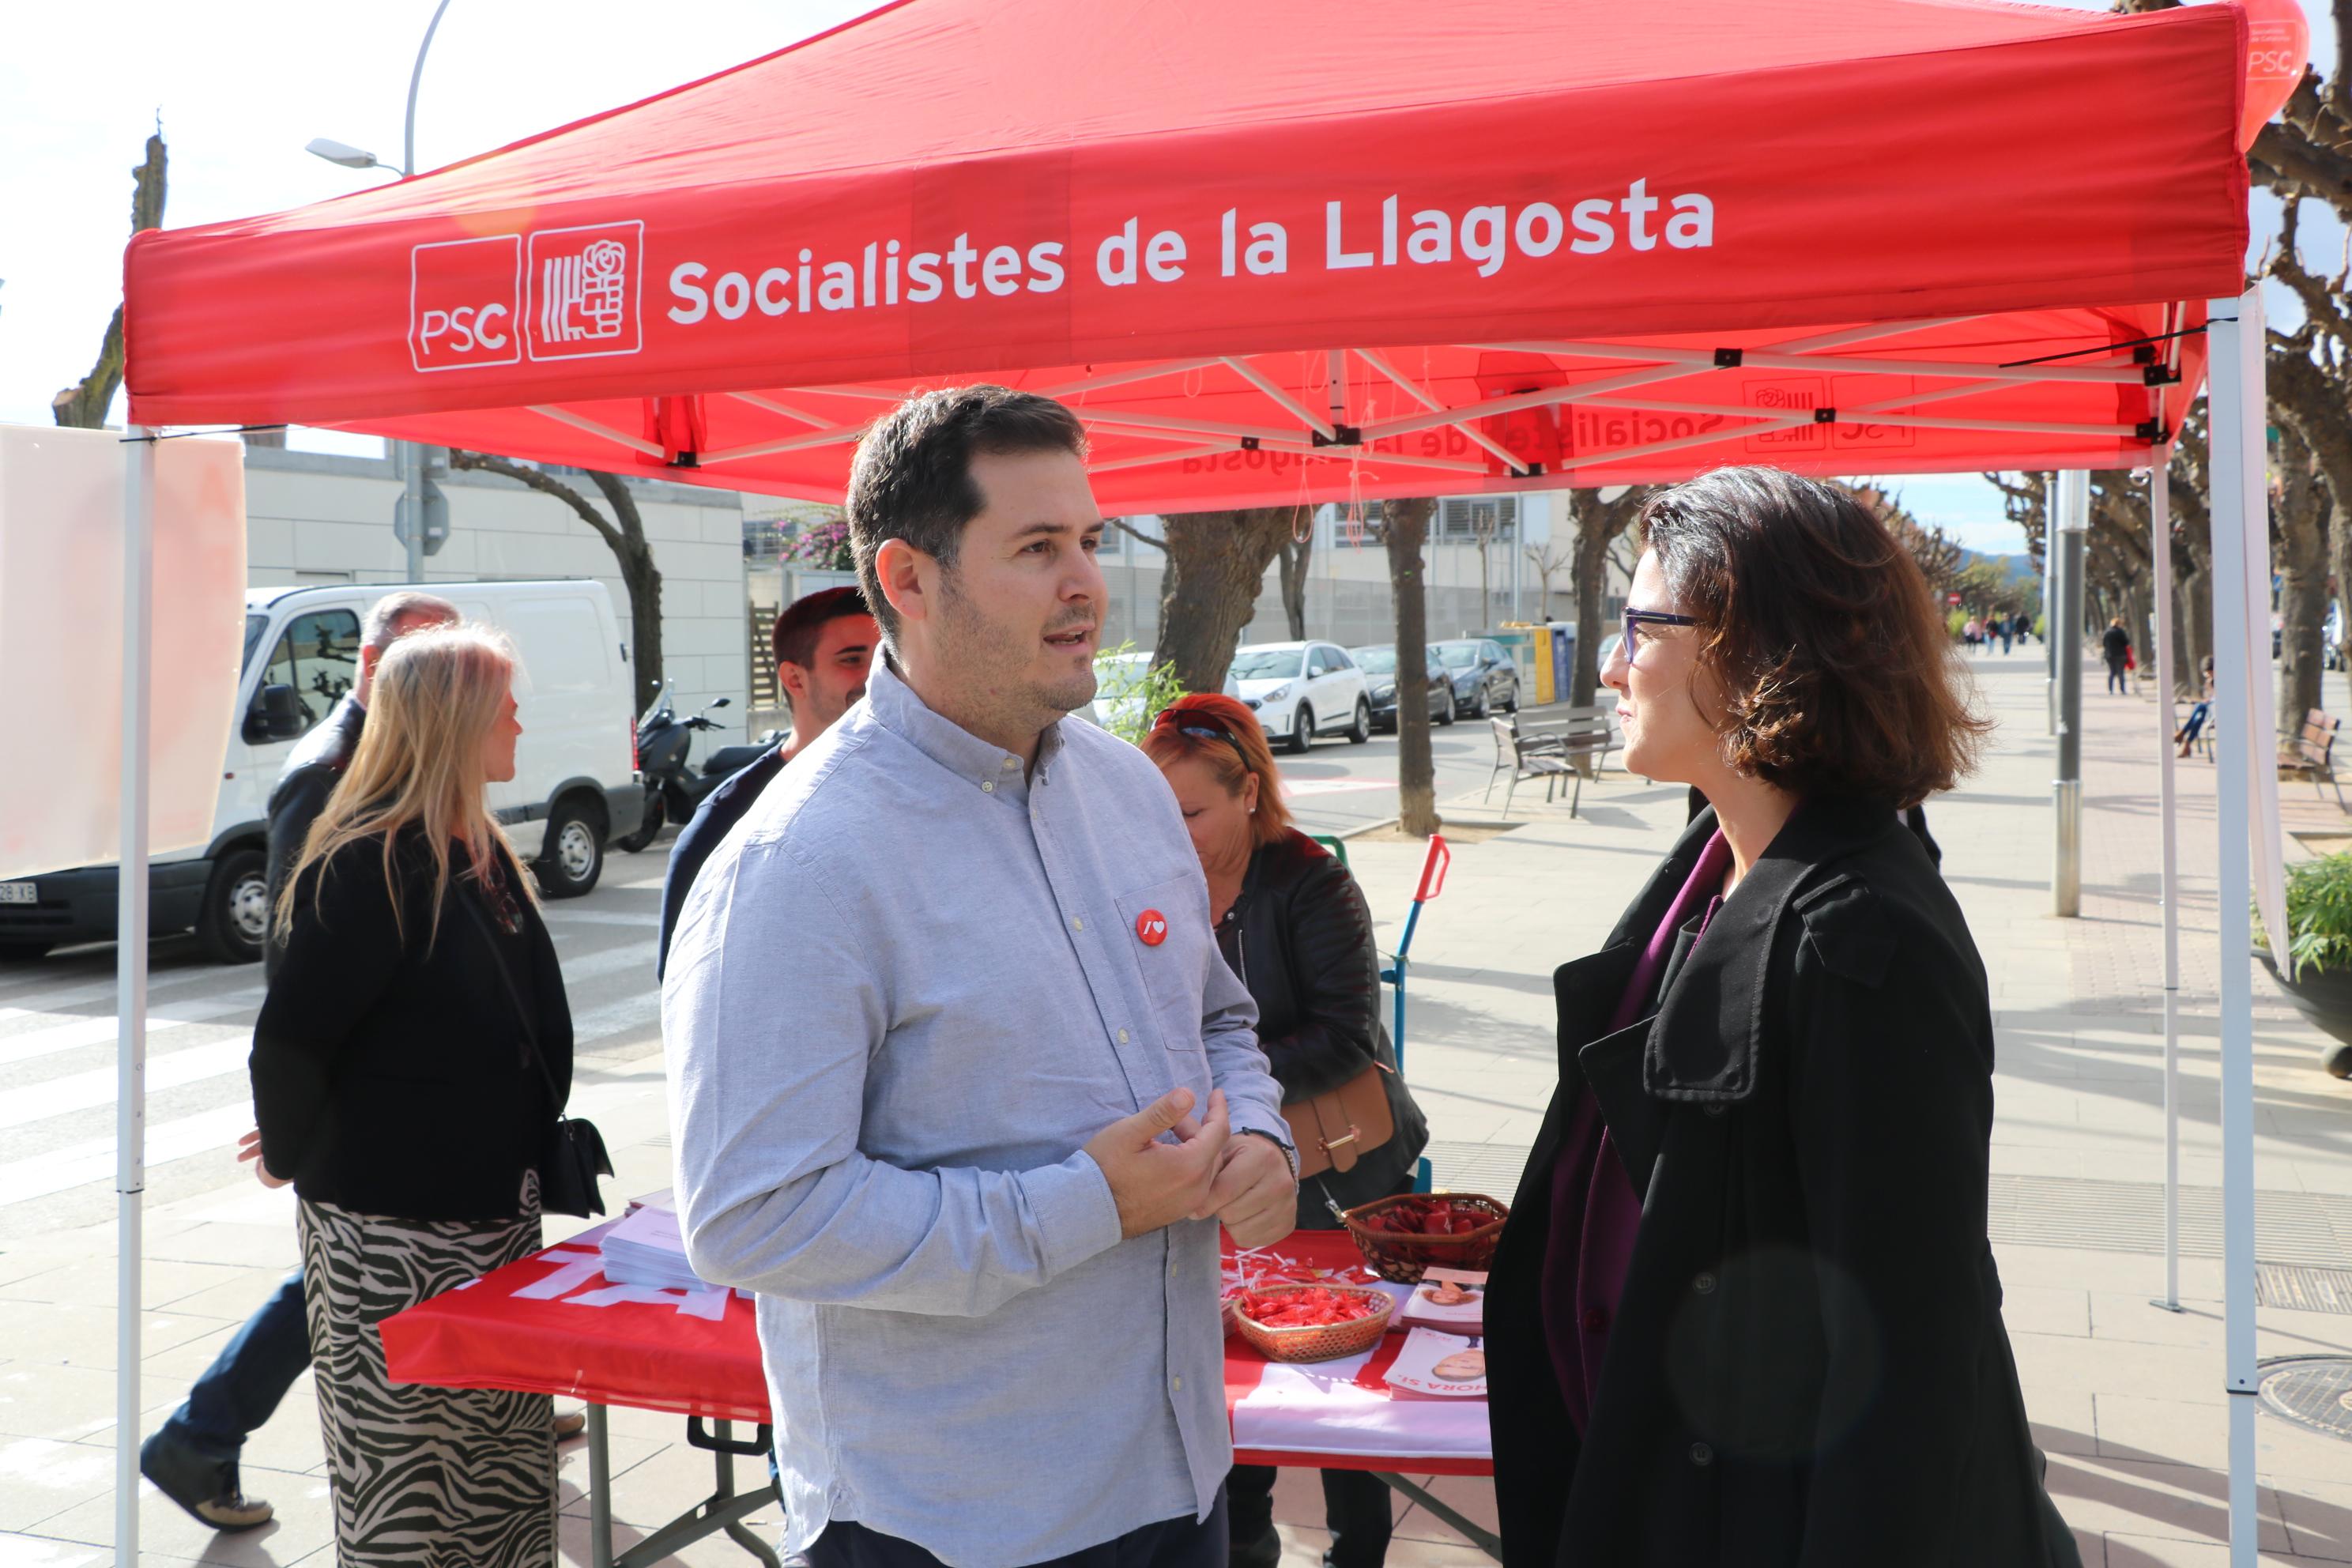 La diputada Eva Granados demana als socialistes llagostencs que diumenge vagin a votar